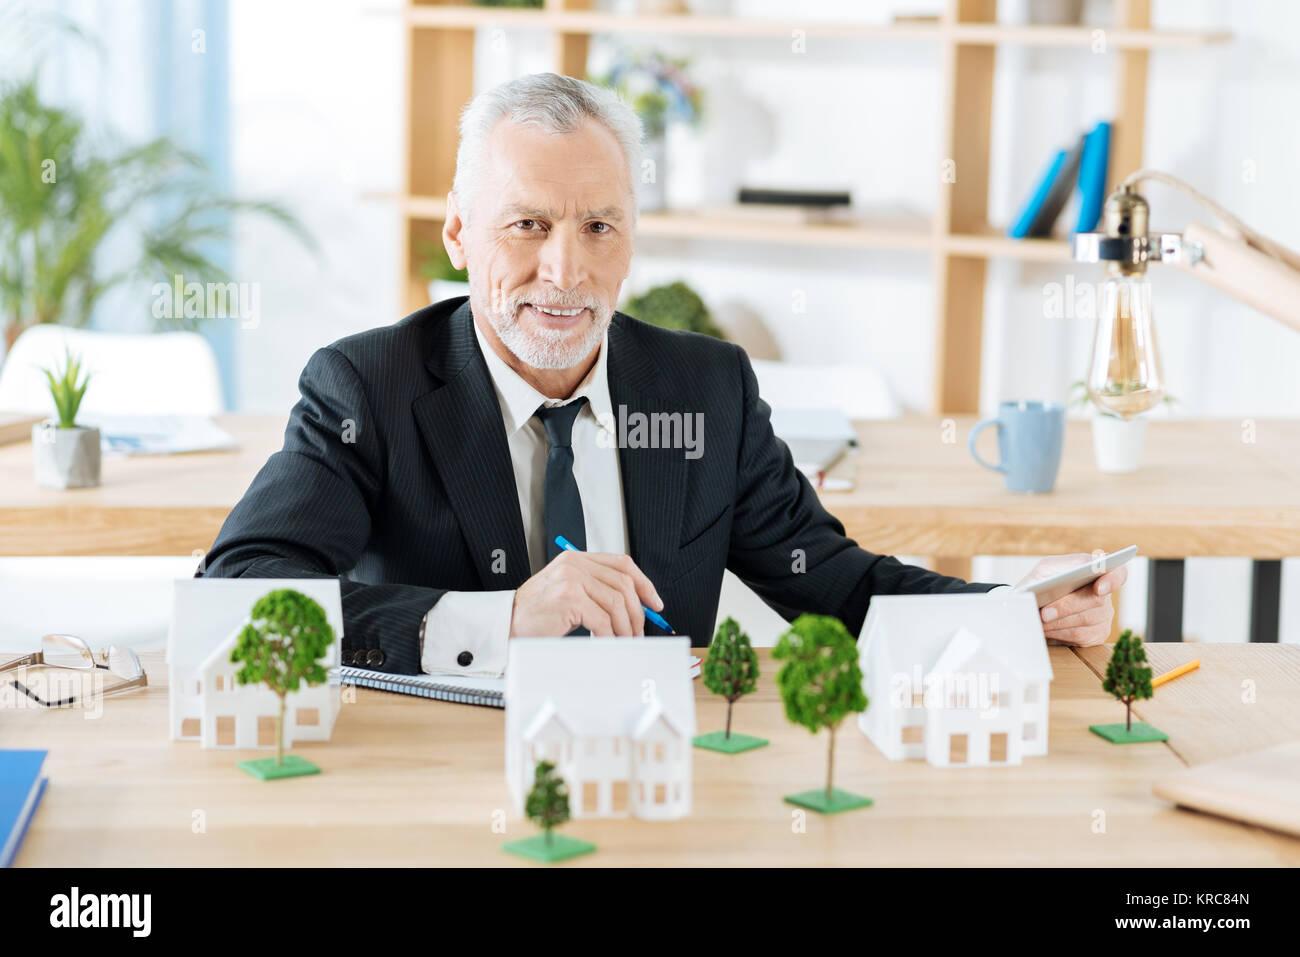 Angenehme real estate agent wartet auf seine Kollegen, während allein sitzen Stockbild